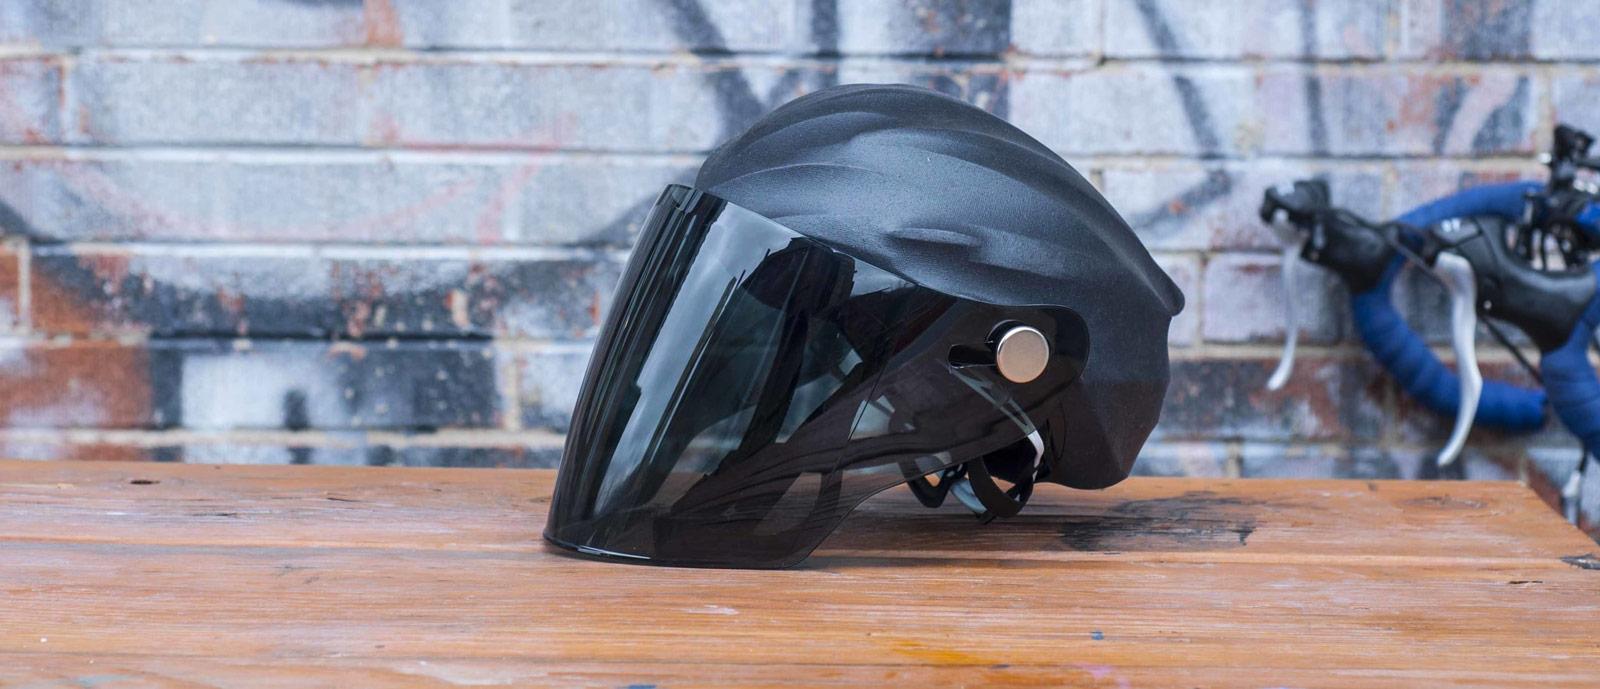 vizorX-visière-casque-de-vélo-anti-froid-kickstarter-home